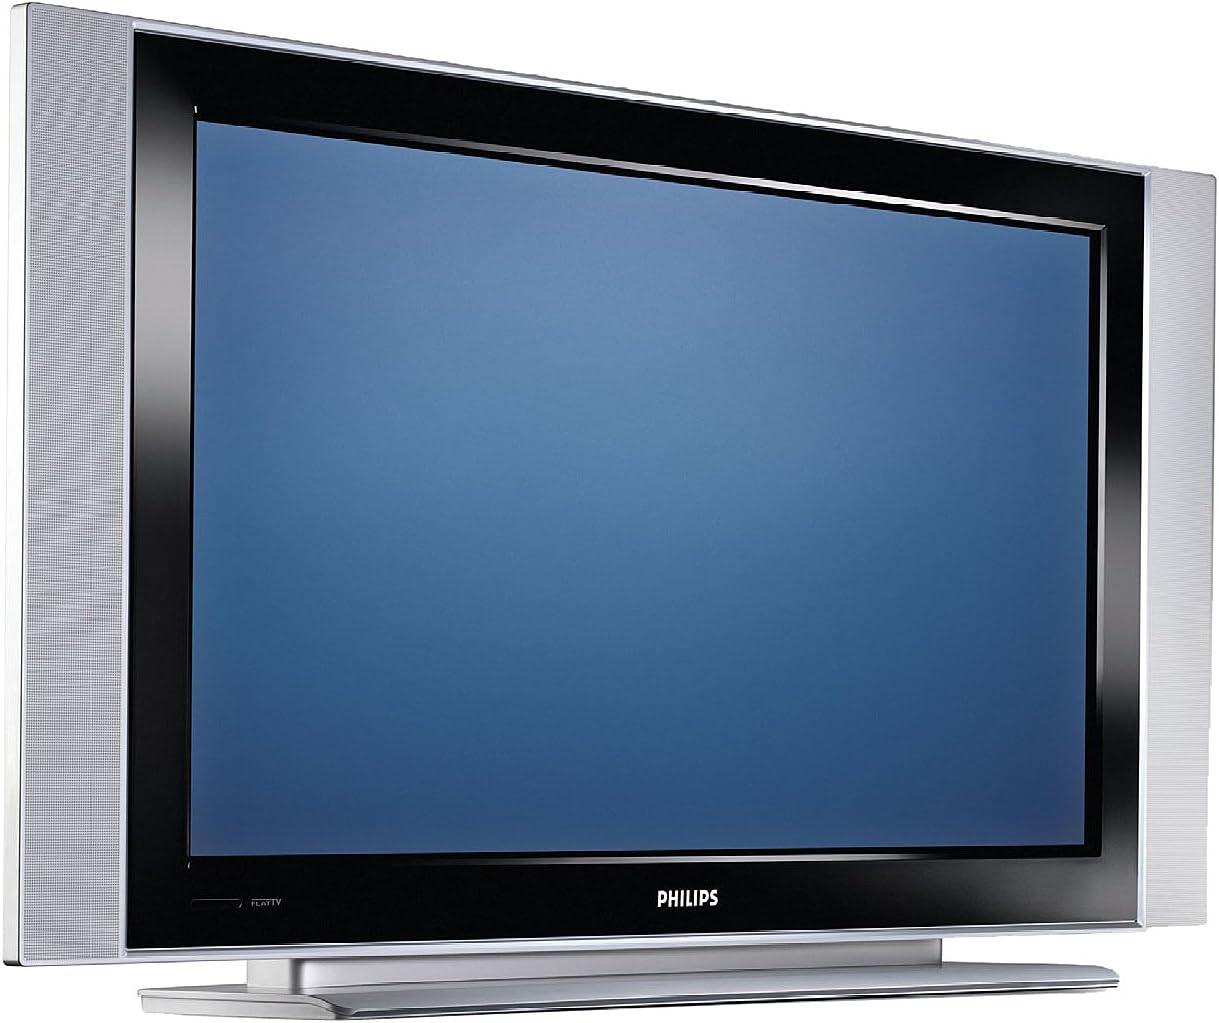 Philips 37 PF 5521 D - TV: Amazon.es: Electrónica